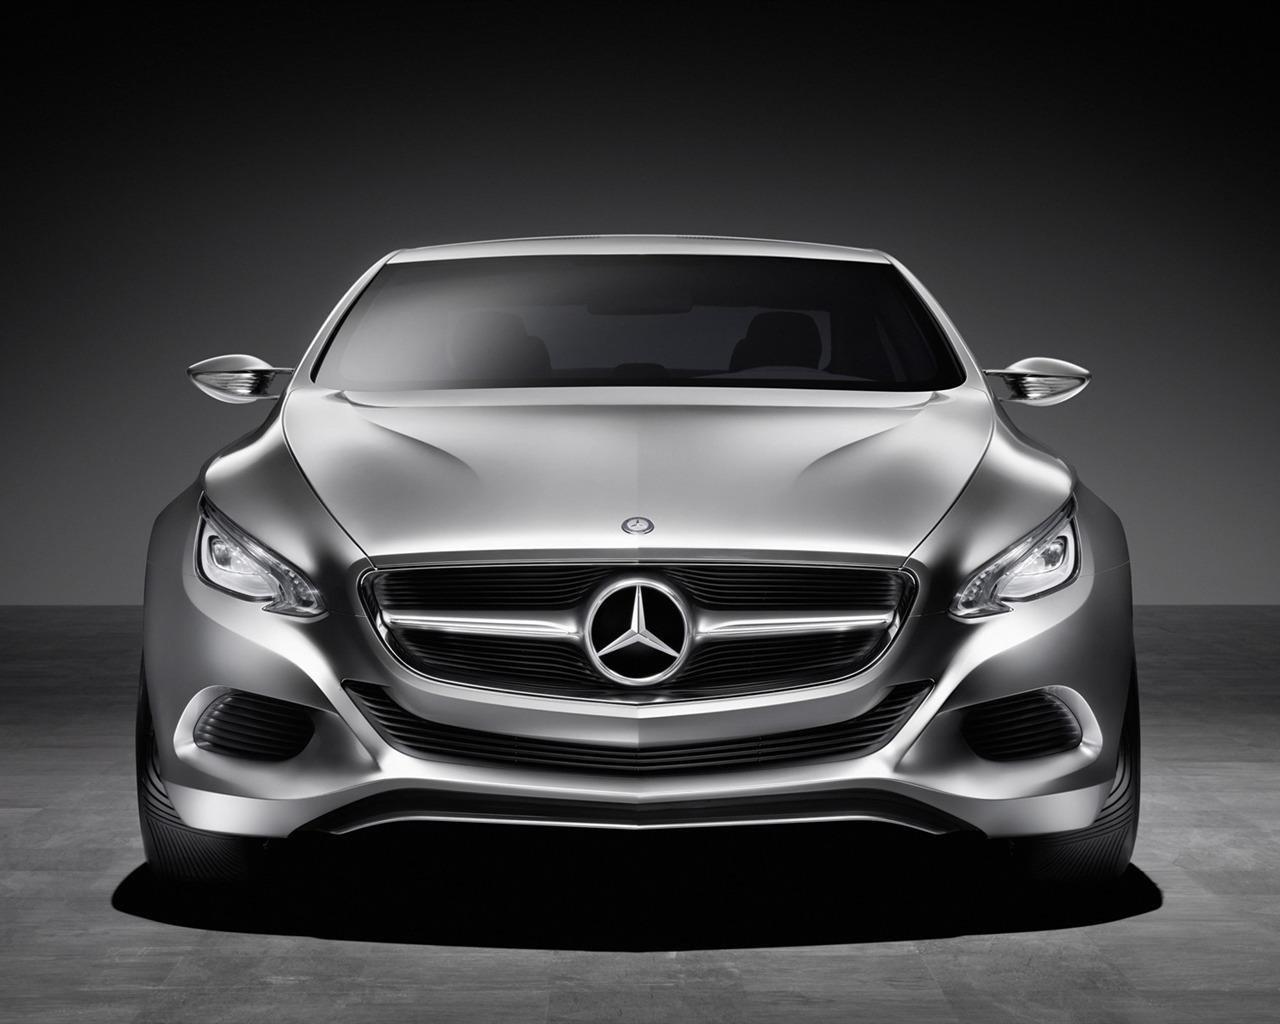 Mercedes Benz Concept Car Wallpaper 2 11 1280x1024 Wallpaper